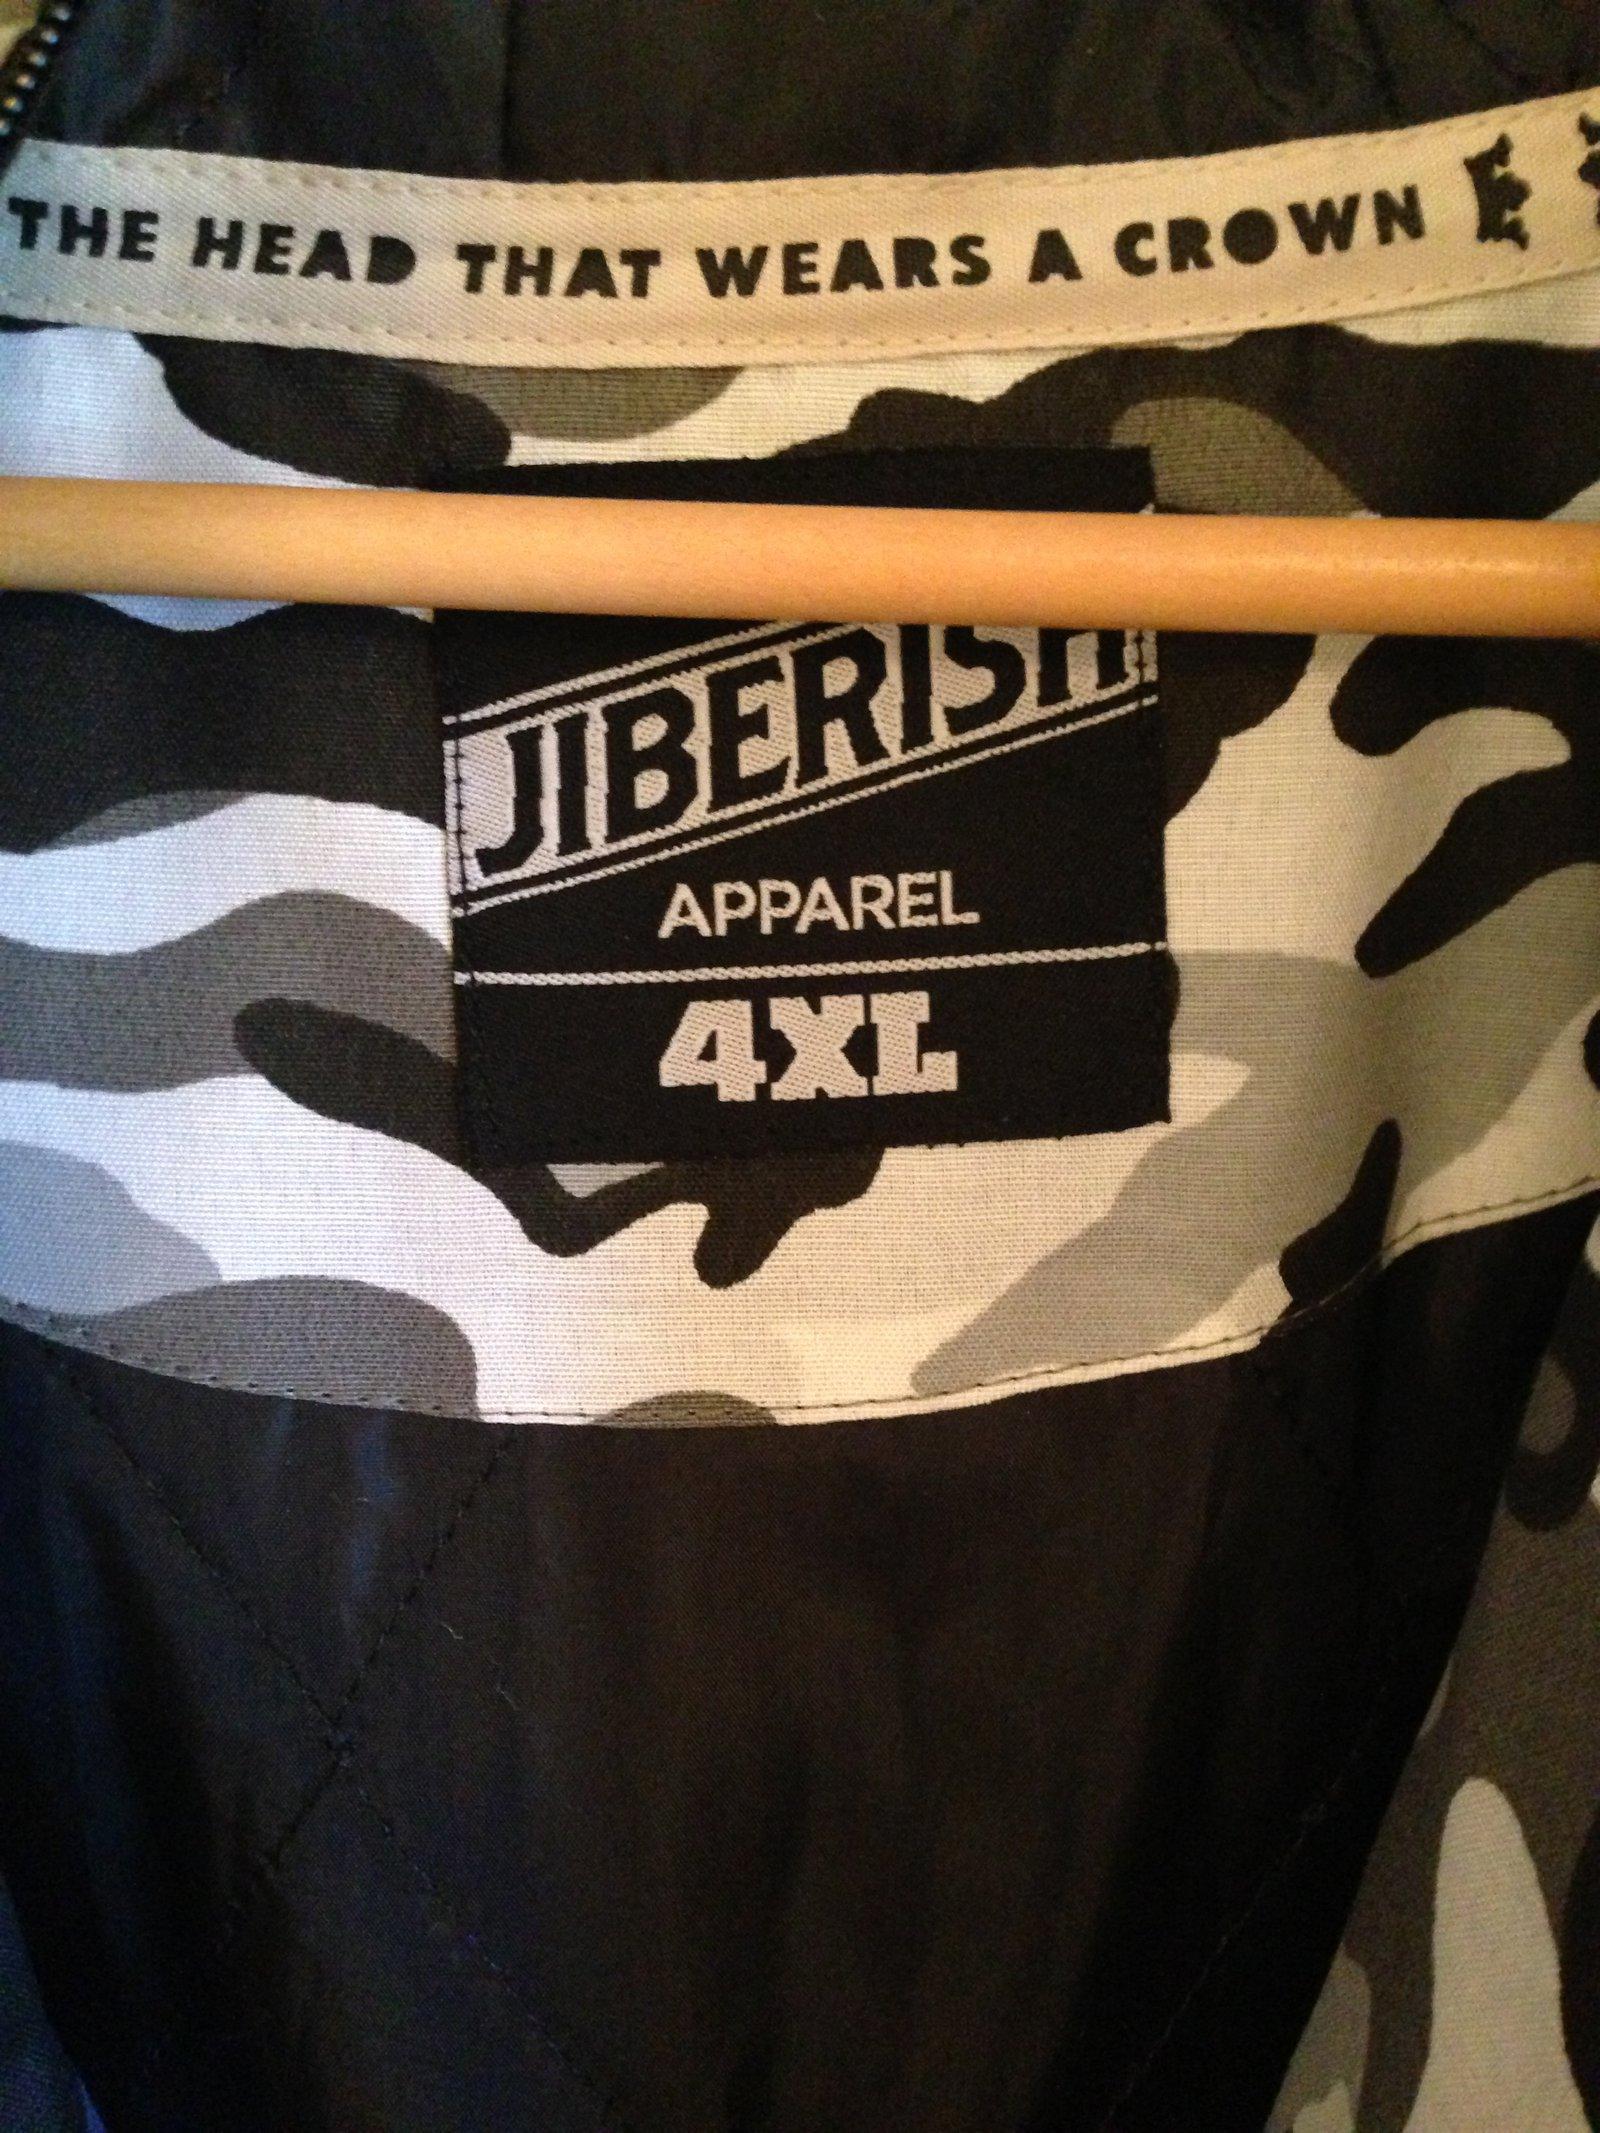 4XL Jiberish Vest